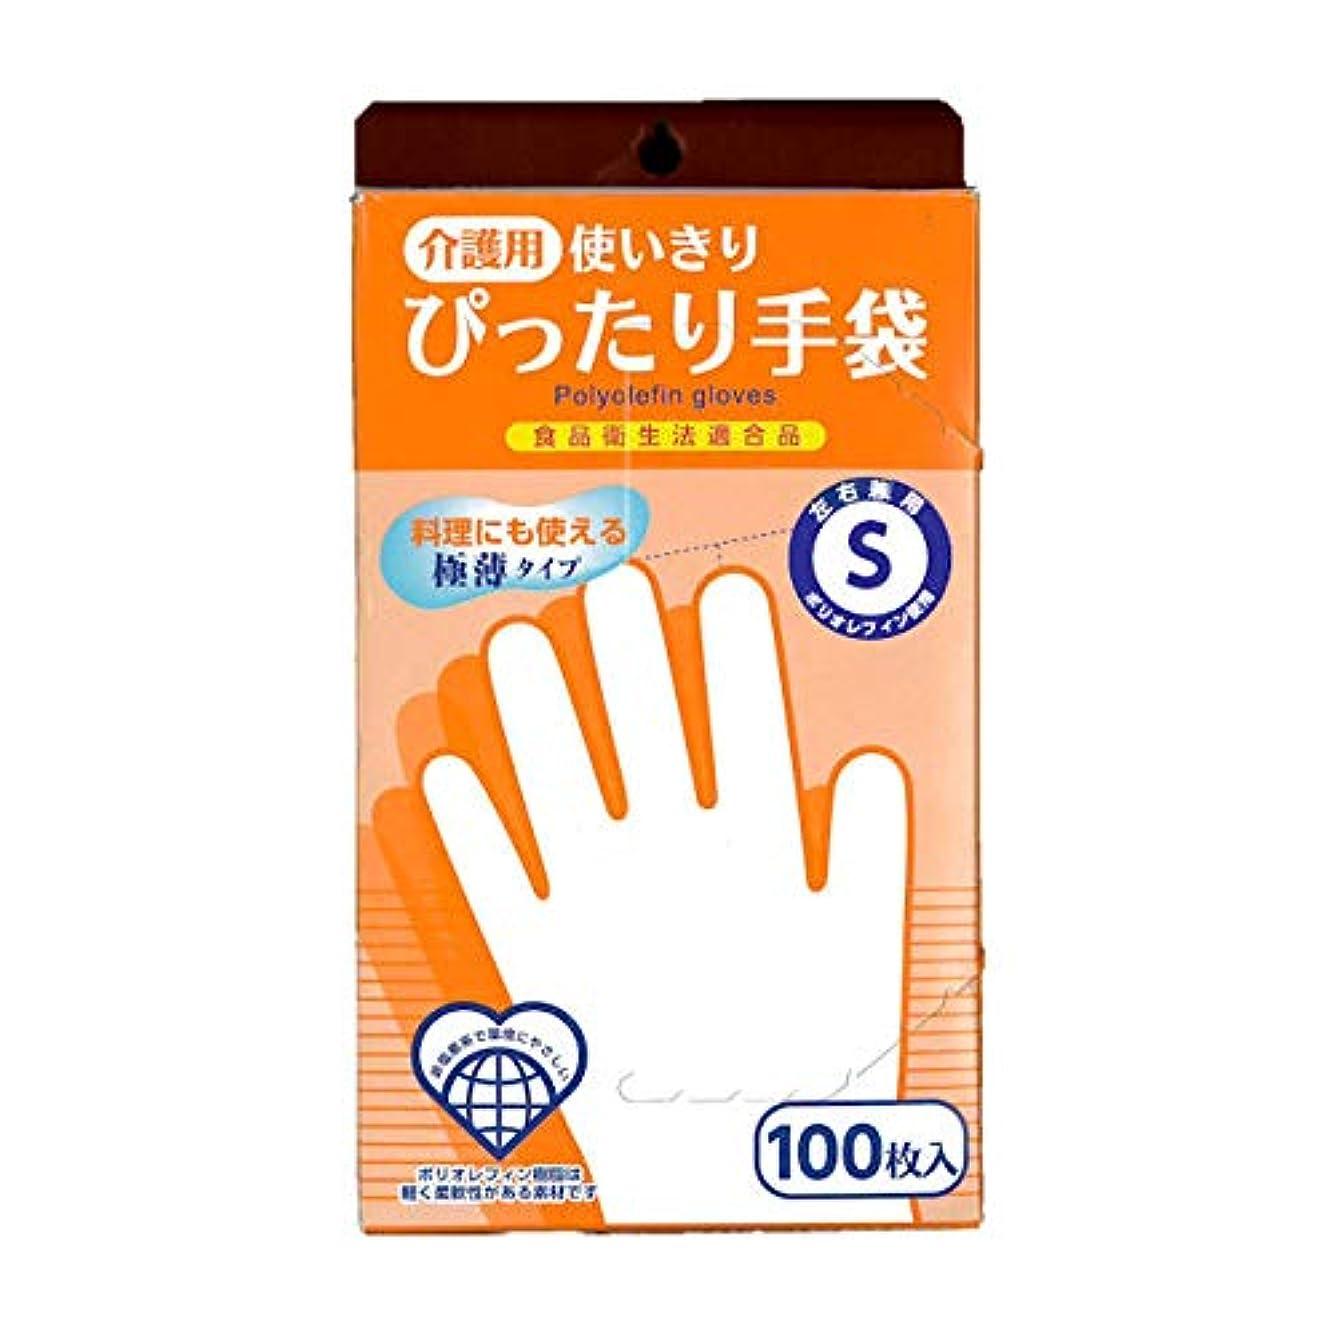 ケープ困った無礼に奥田薬品 介護用 使いきりぴったり手袋 Sサイズ 100枚